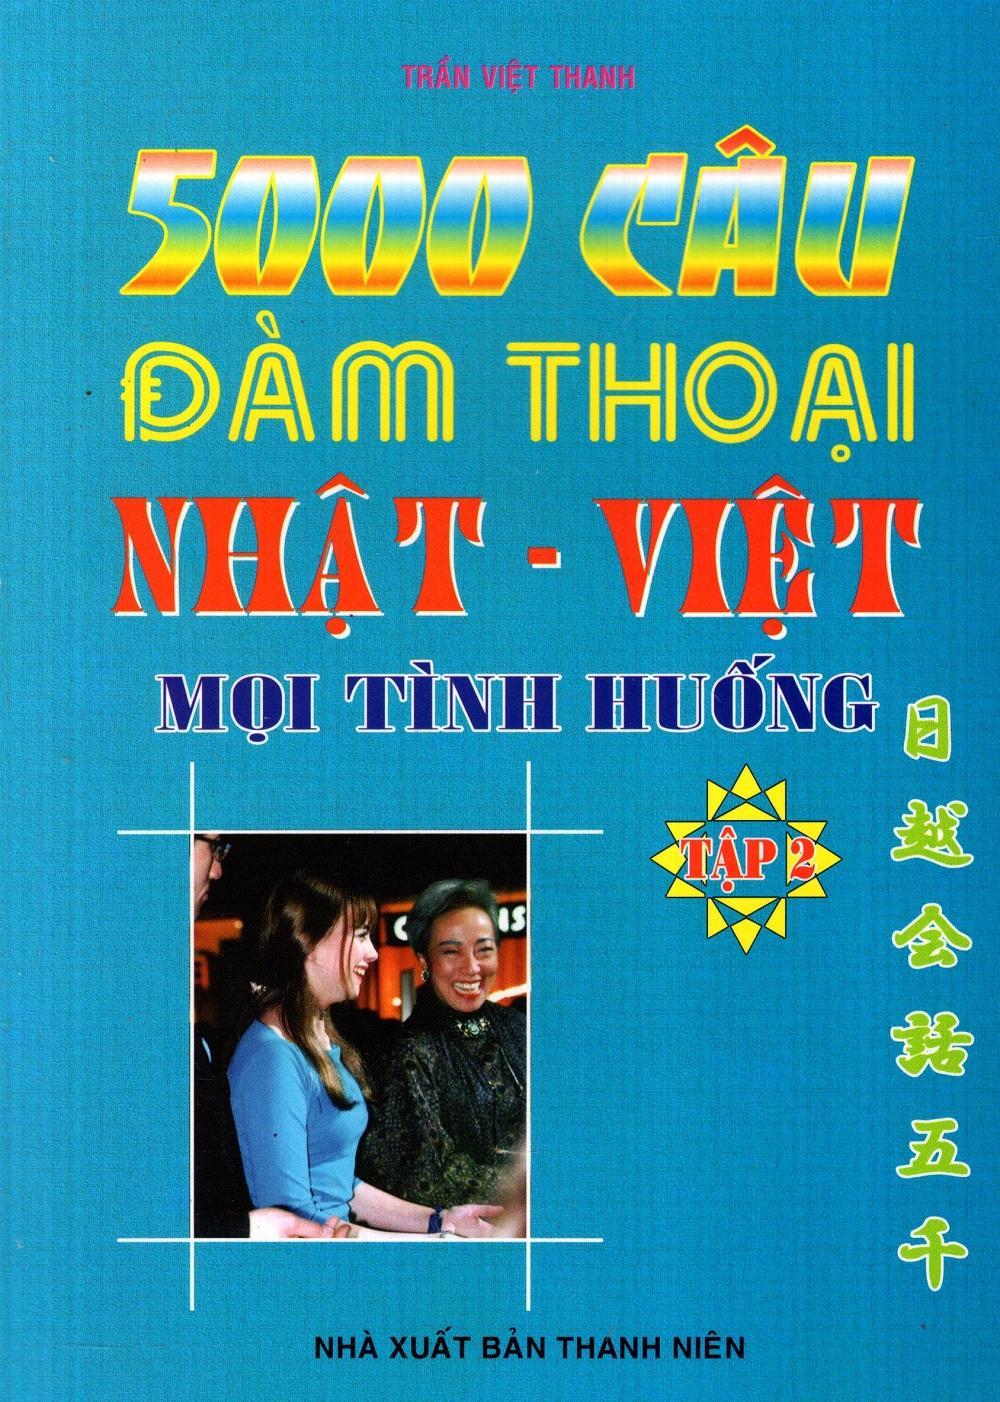 Bìa sách 5000 Câu Đàm Thoại Nhật - Việt Mọi Tình Huống (Tập 2)